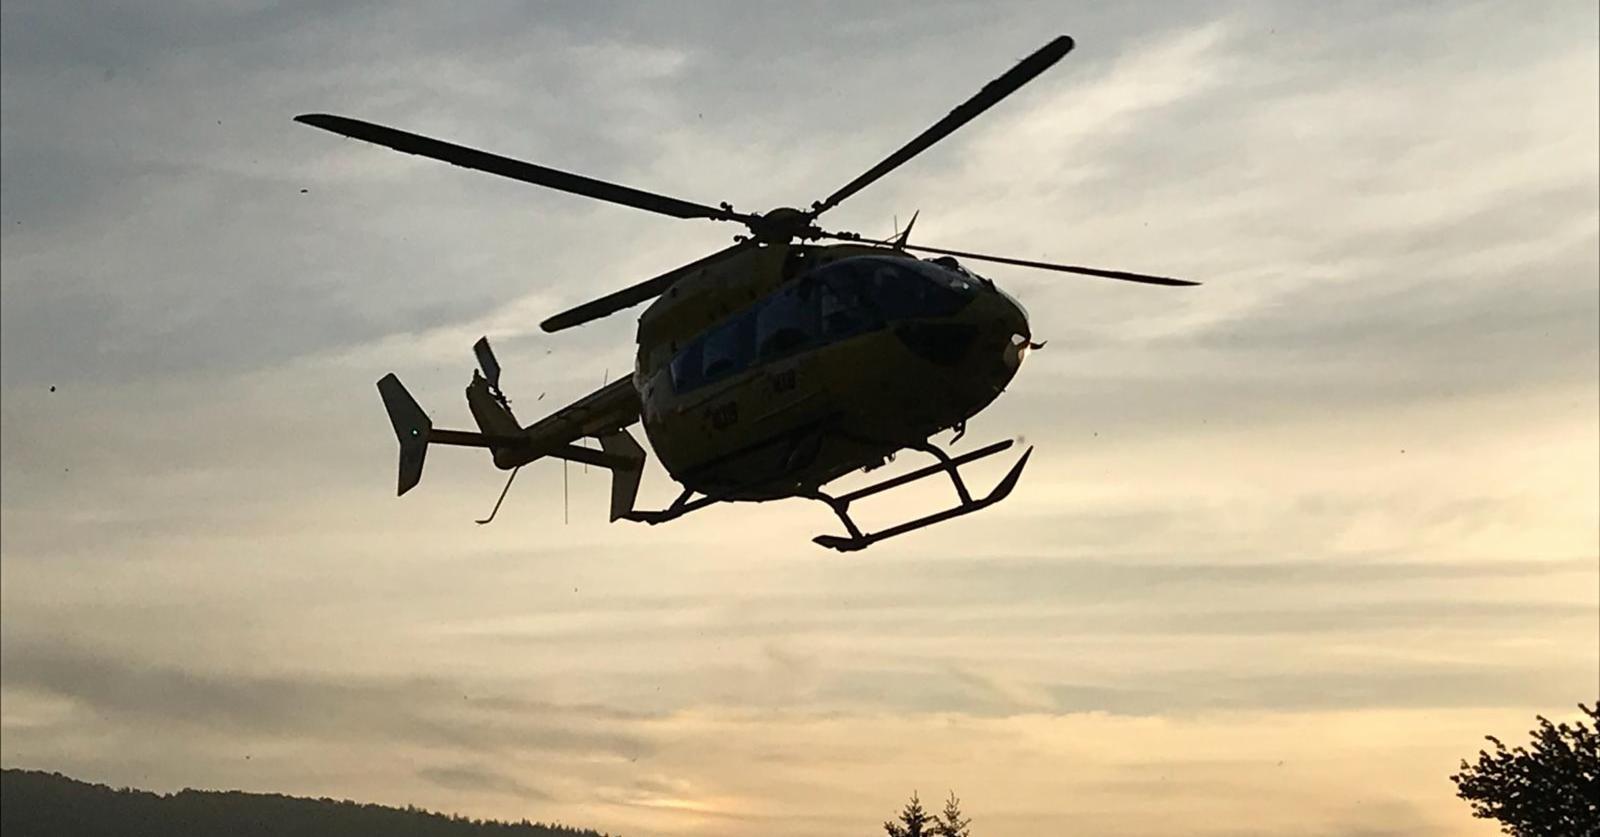 Domenica impegnativa per i volontari del Soccorso Alpino Toscano della Stazione Appennino che sono stati occupati in due interventi di recupero